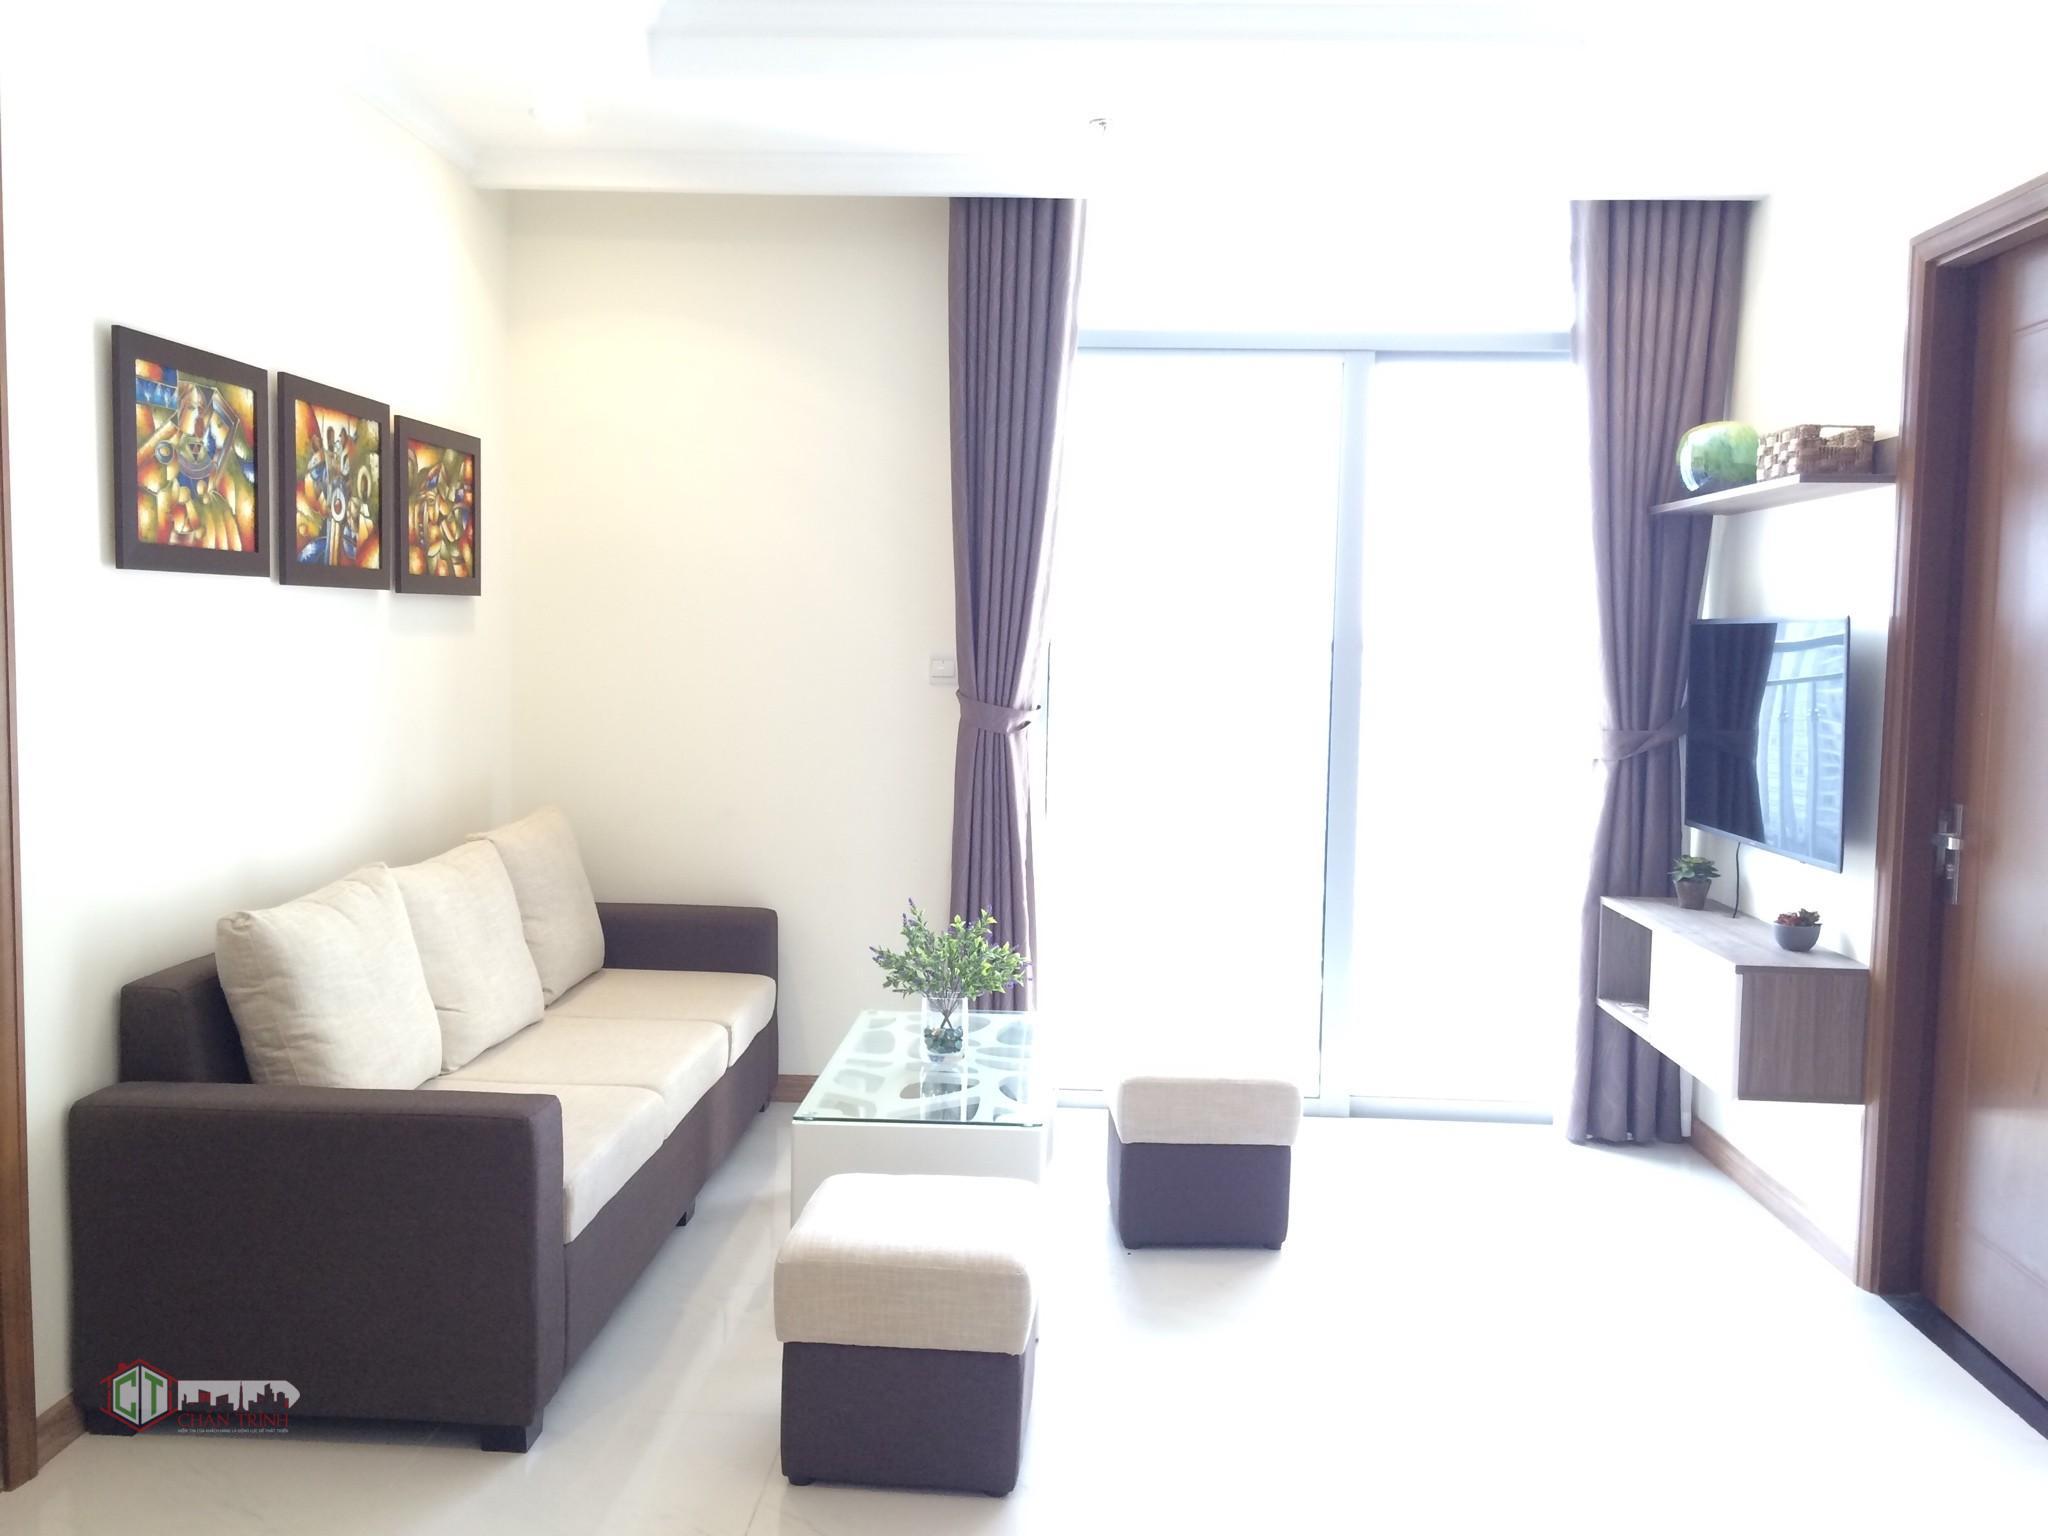 Cho thuê căn hộ 3 phòng ngủ full NT Vinhomes Central Park